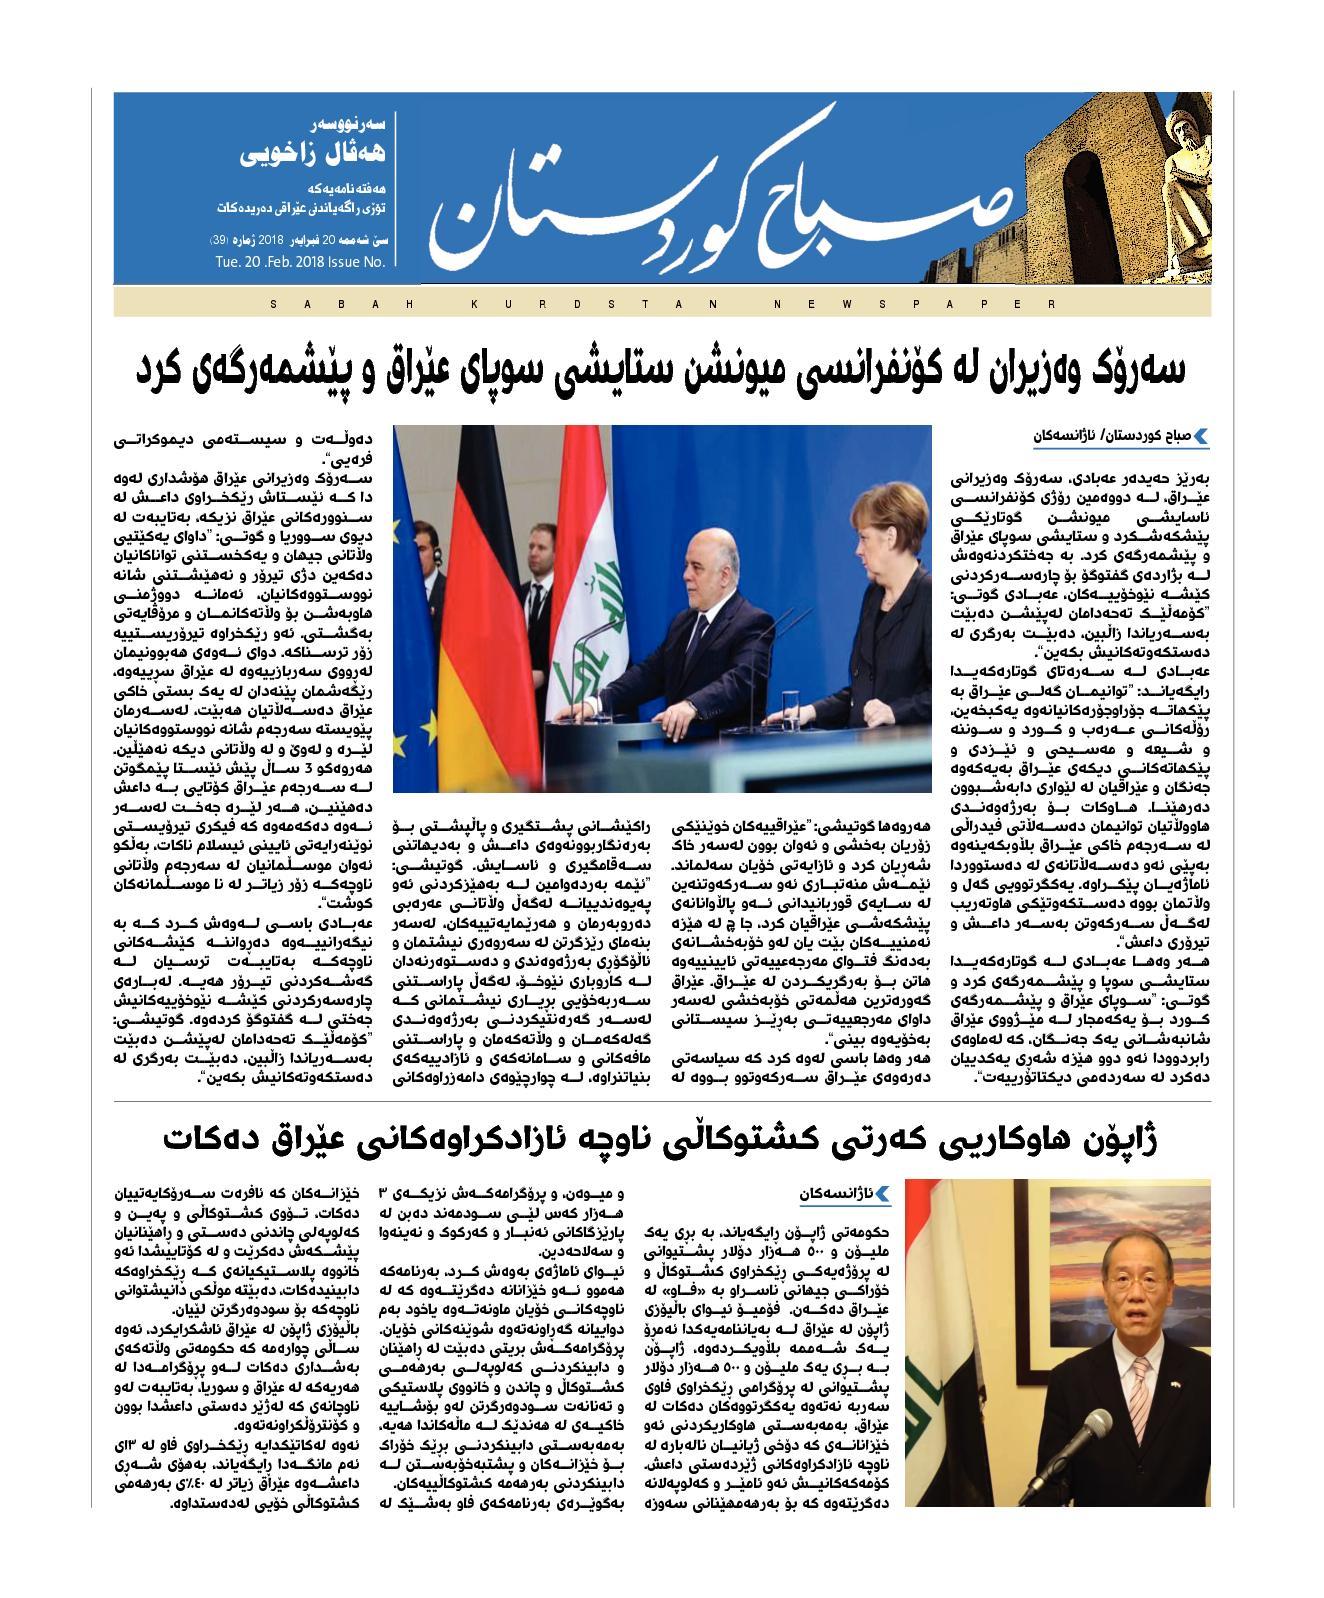 رۆژناما صباح كوردستان ژماره 39